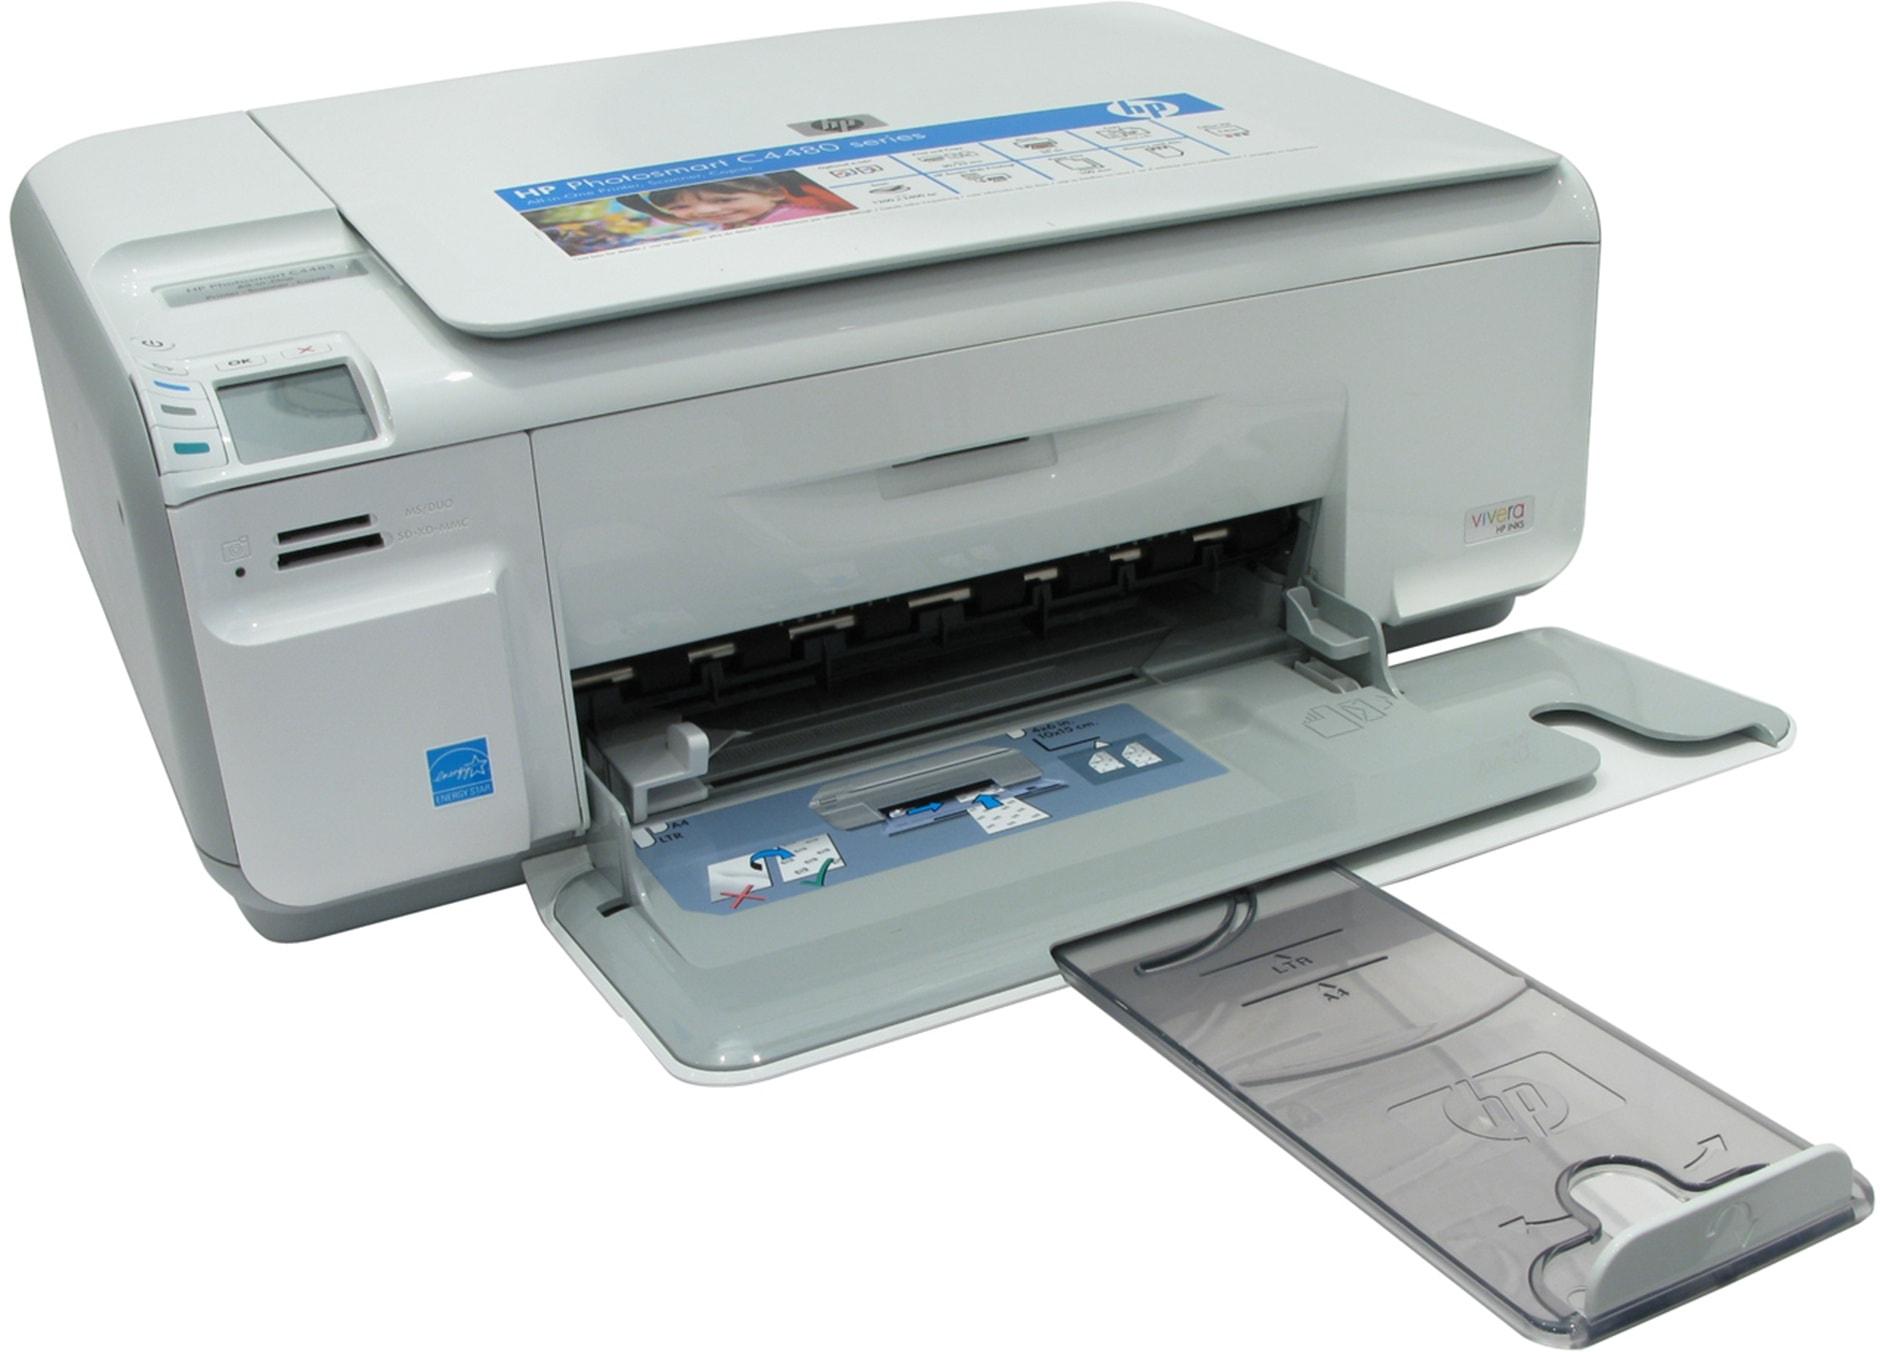 Скачать Бесплатно Драйвер Для Принтера Hp Photosmart C4483 - фото 2